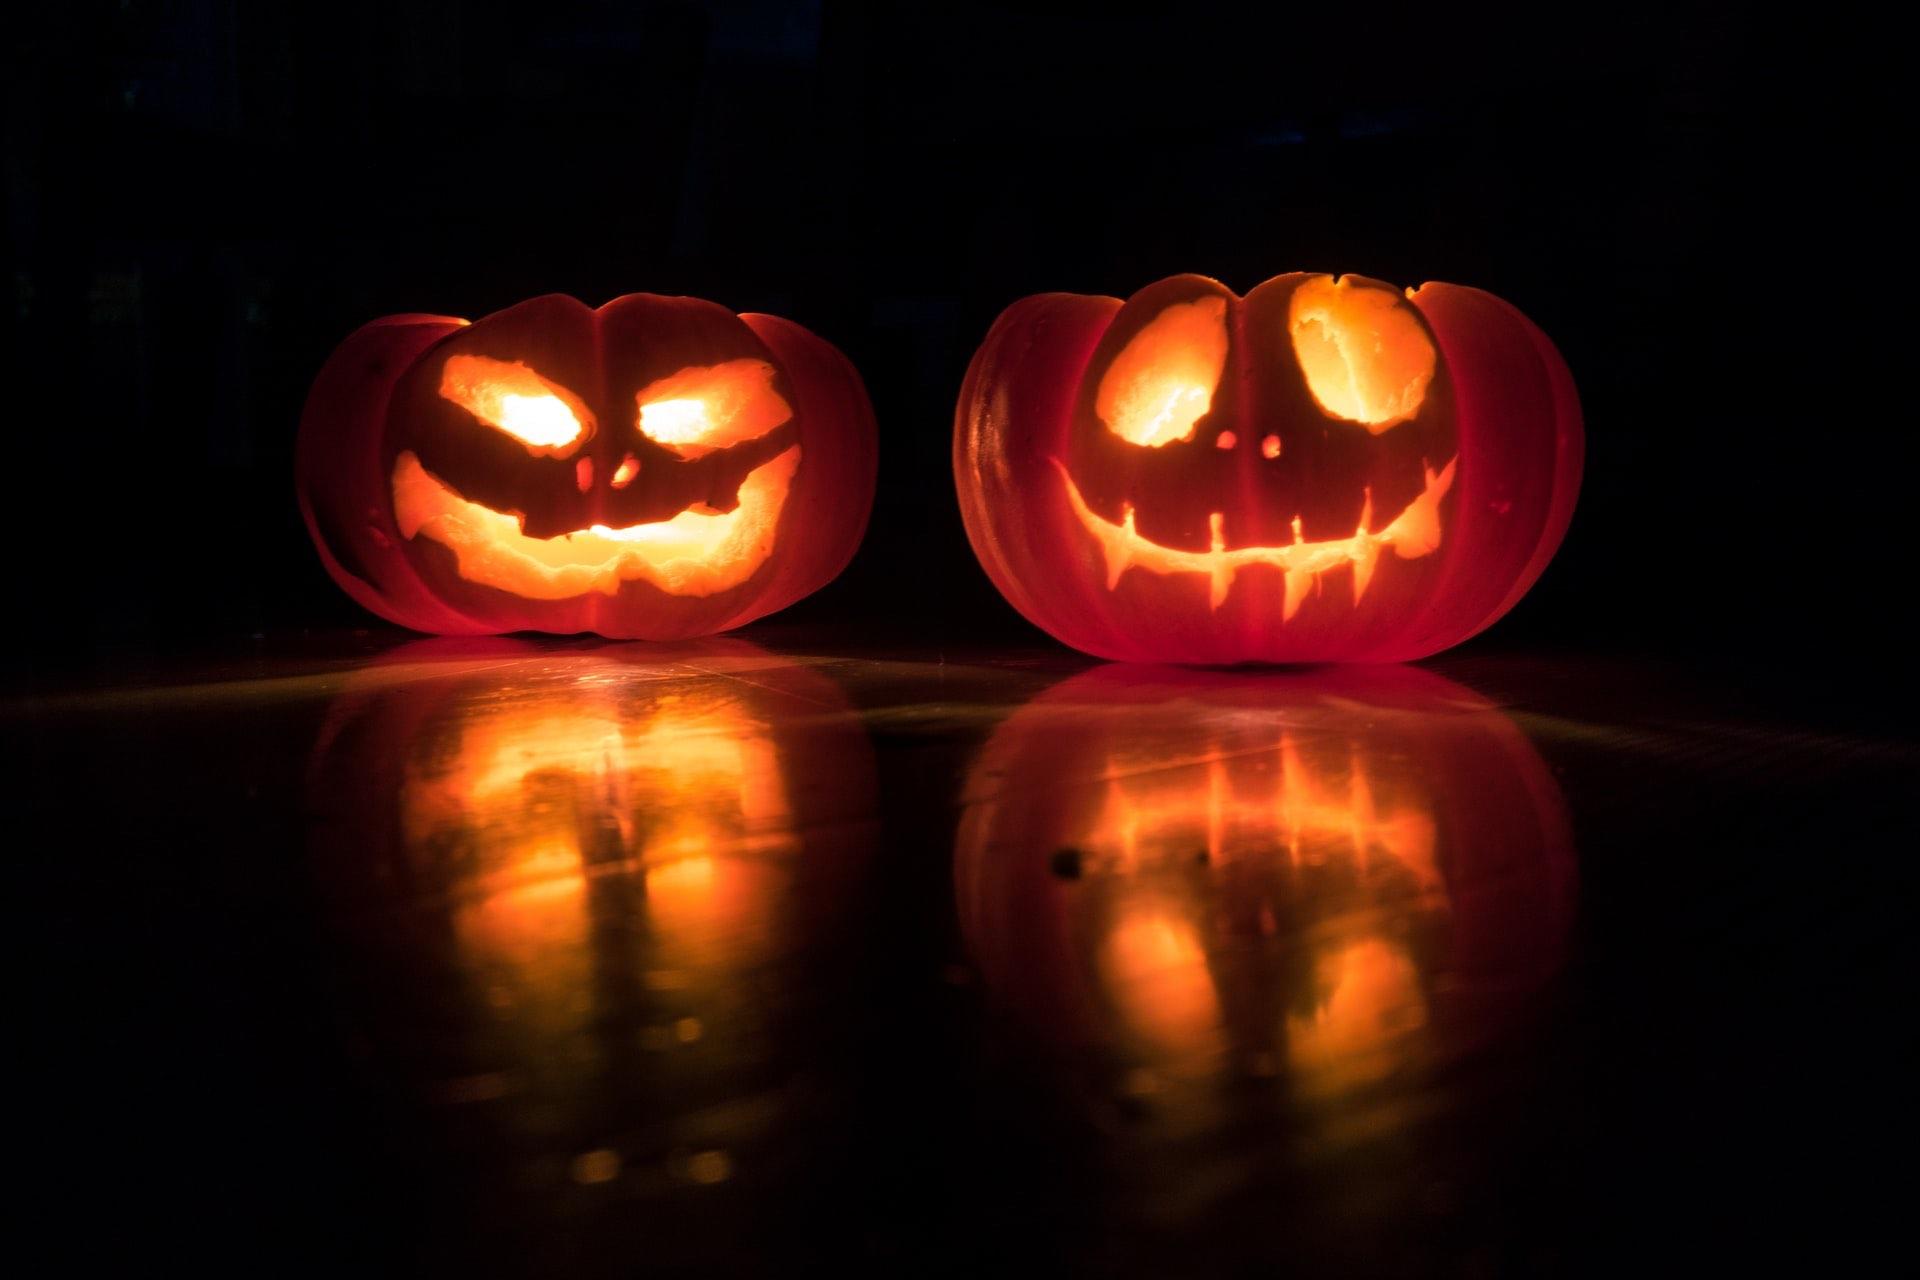 La autora y empresaria multimillonaria Martha Stewart lanza sus propios NFT de Halloween ¡míralos!